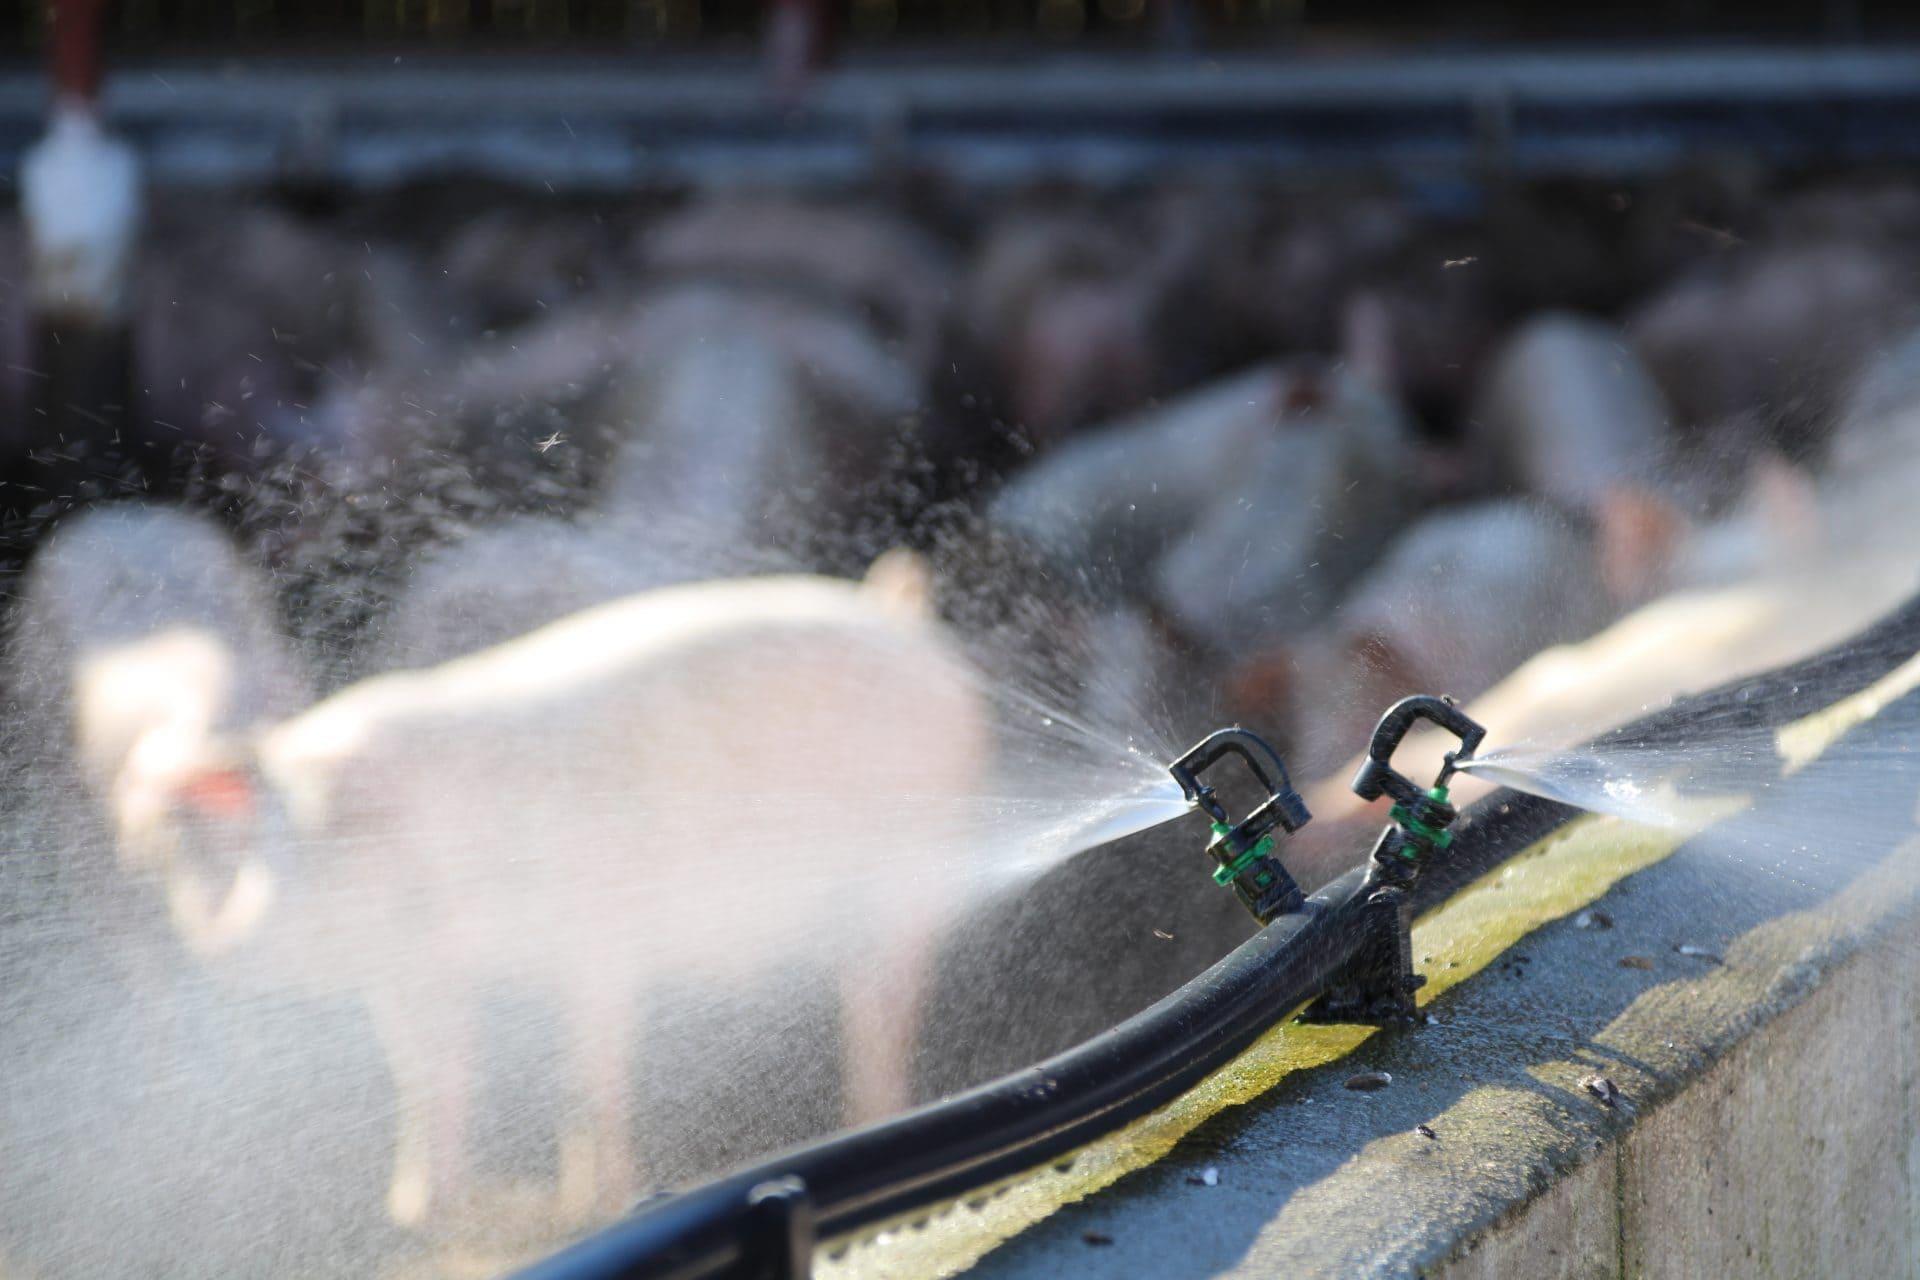 Sprinkler med vand i øko grisestald